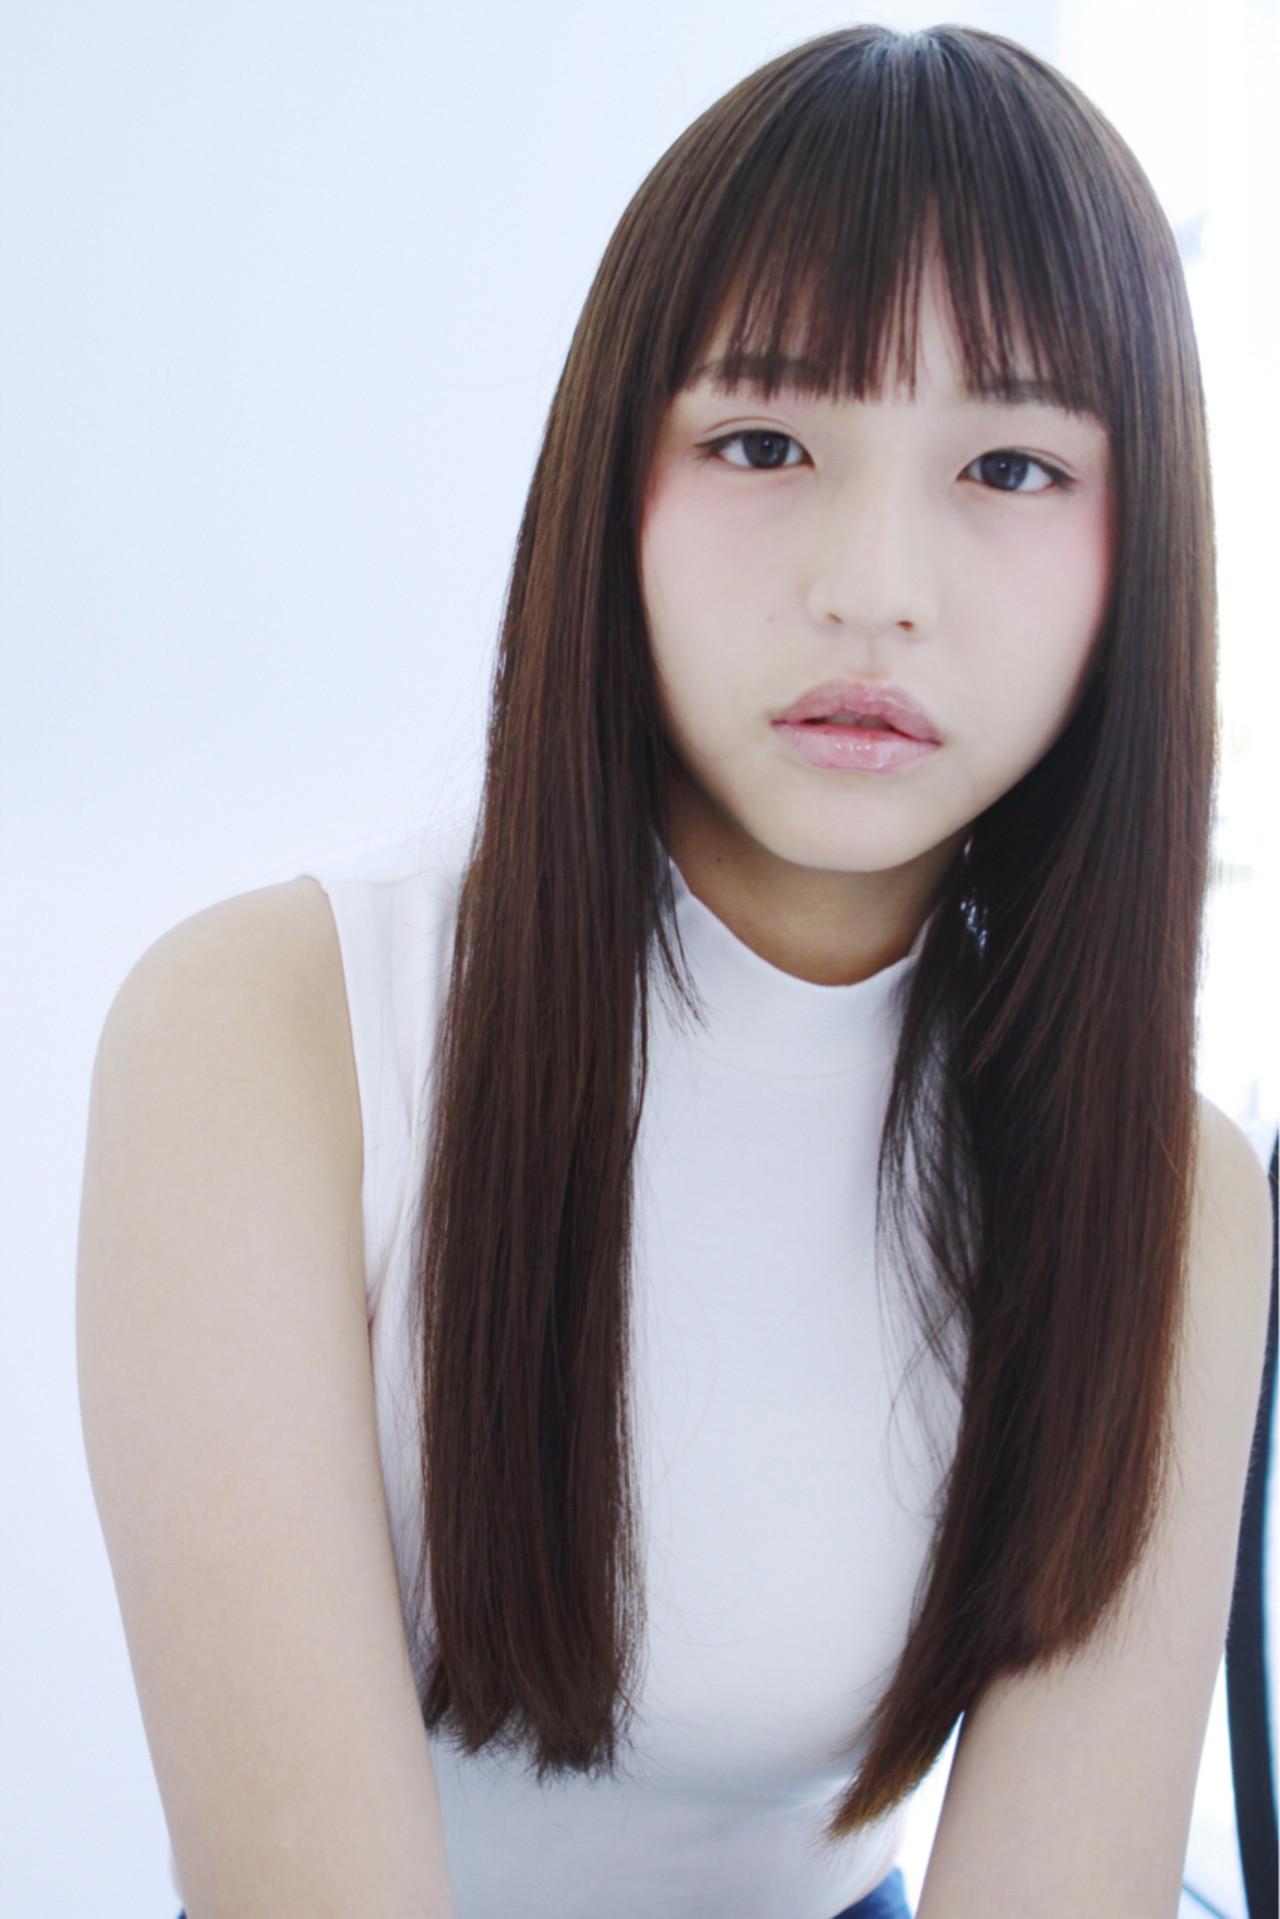 不敗的長直髮造型・土屋太鳳風 Asuka Suzuki